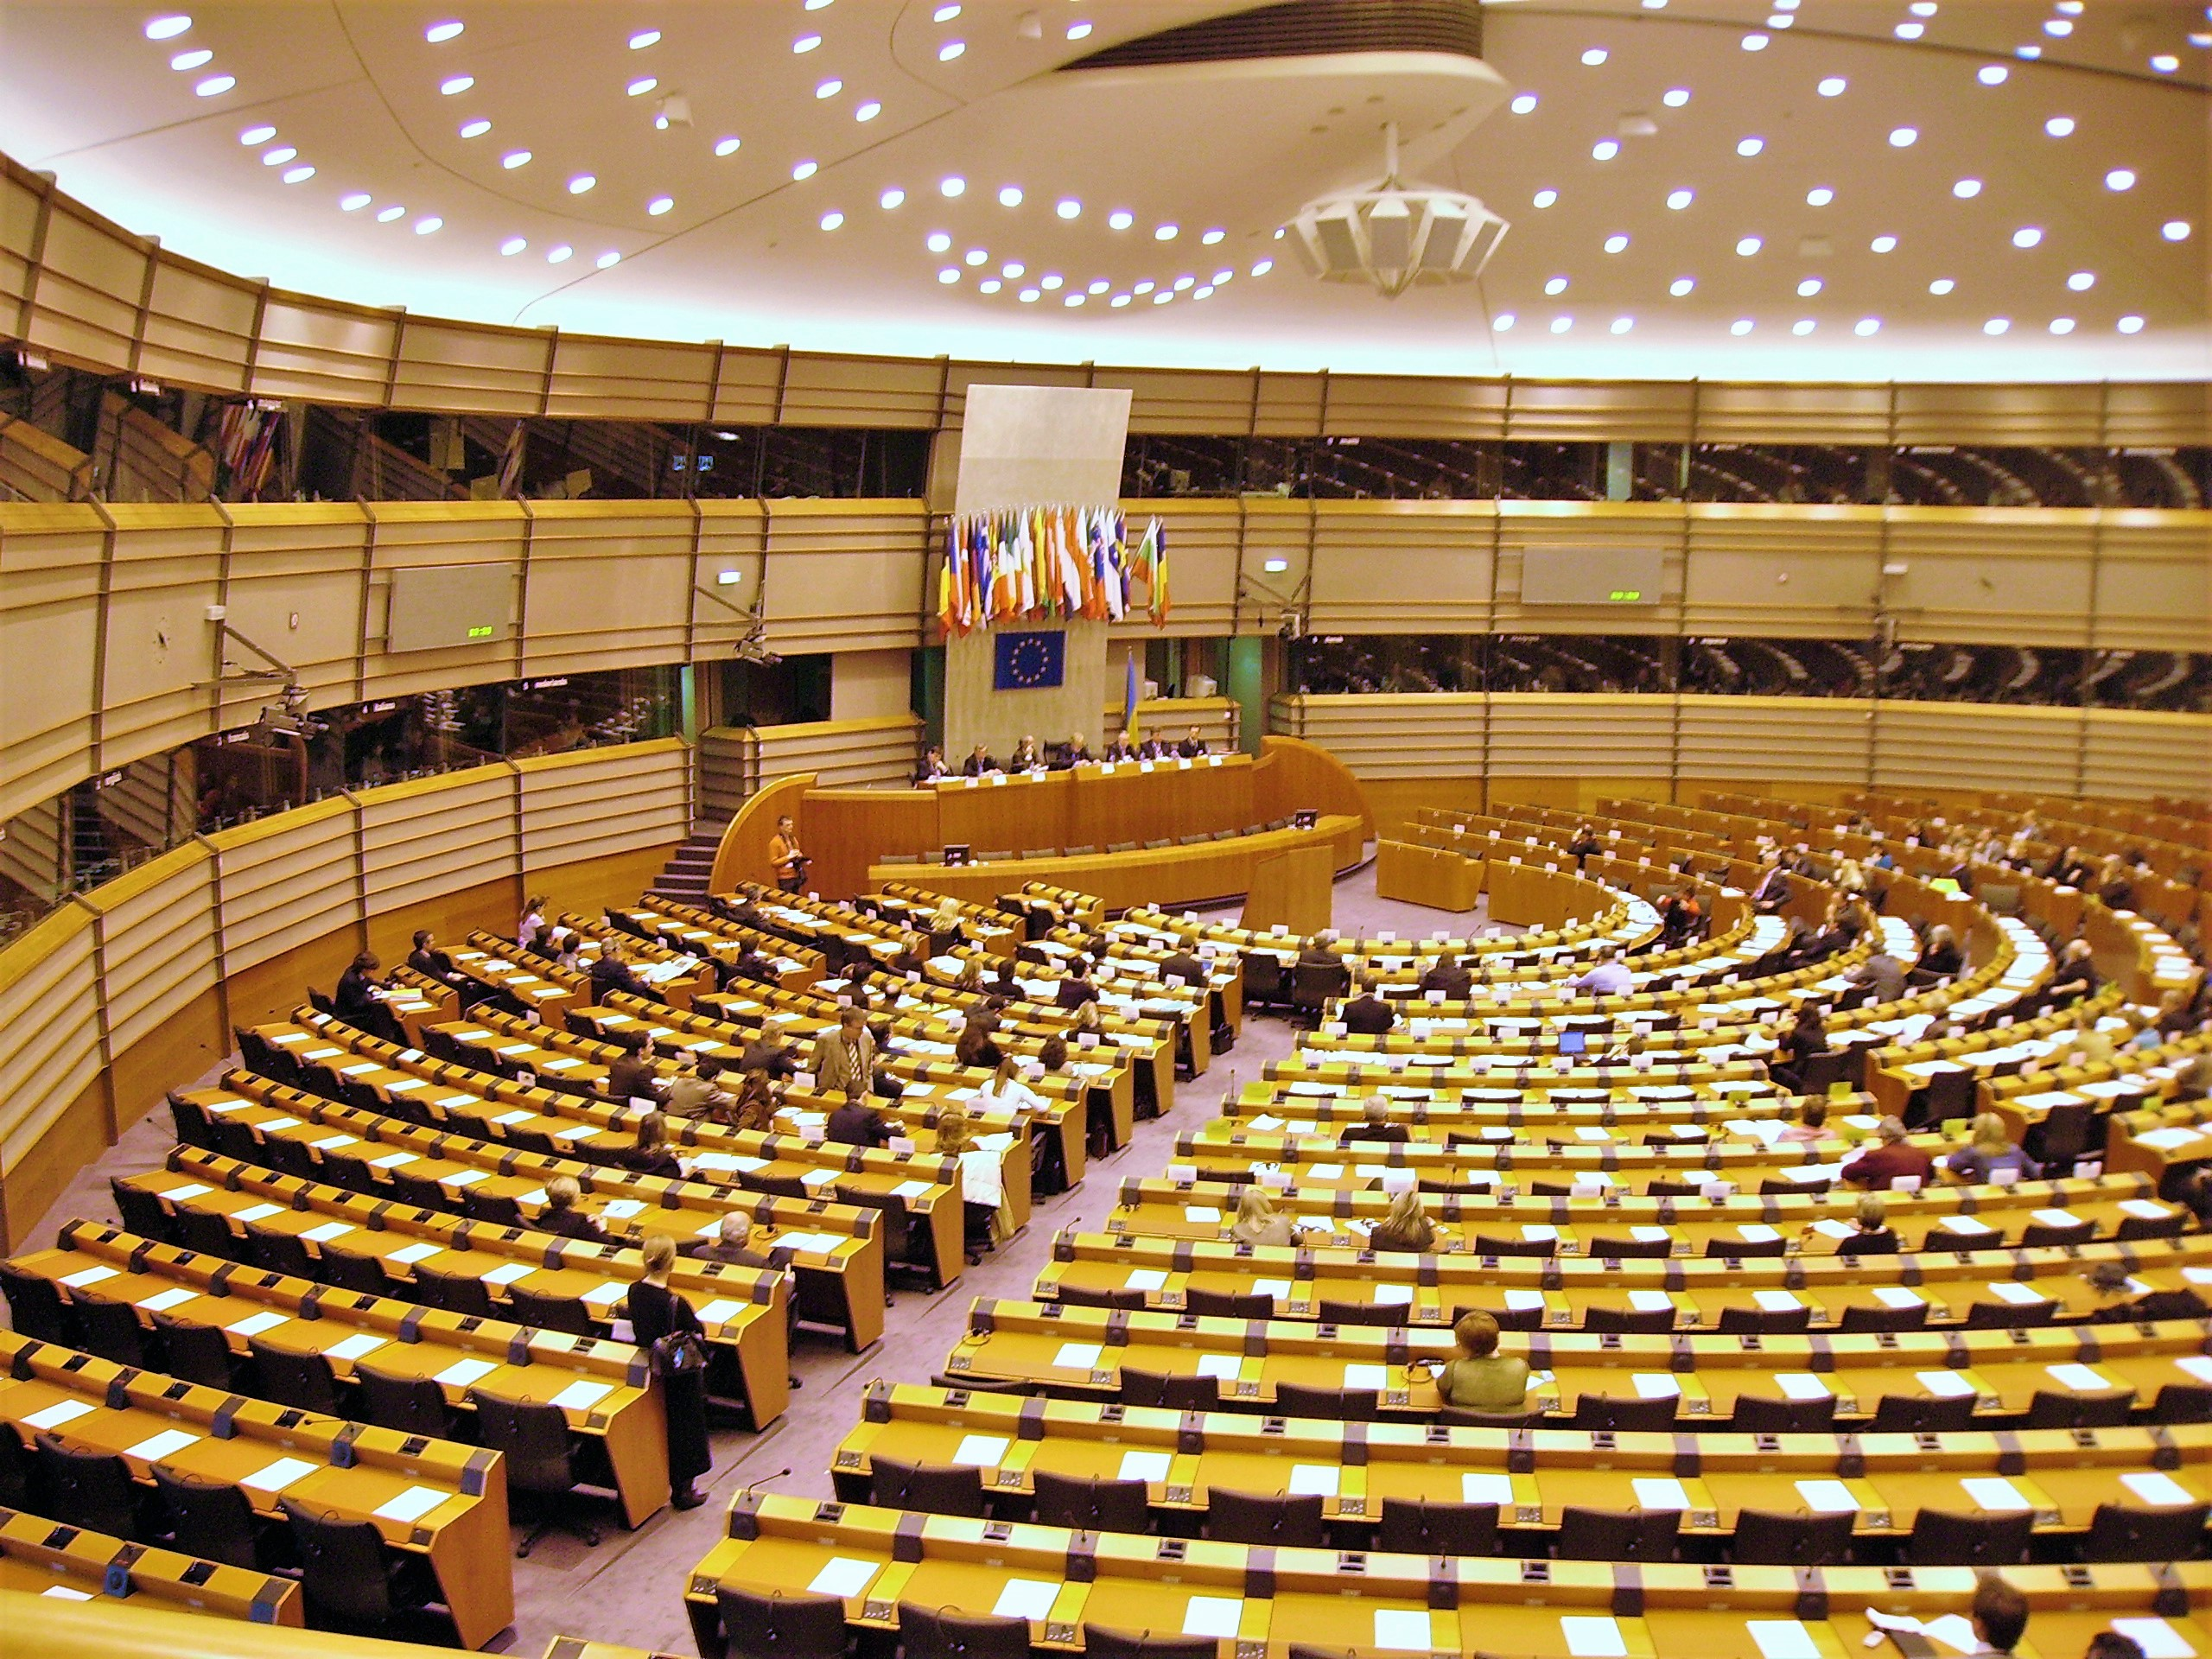 Plenarsaal des Europäischen Parlaments in Brüssel. Deutschland ist einer von 28 Mitgliedsstaaten der Europäischen Union.